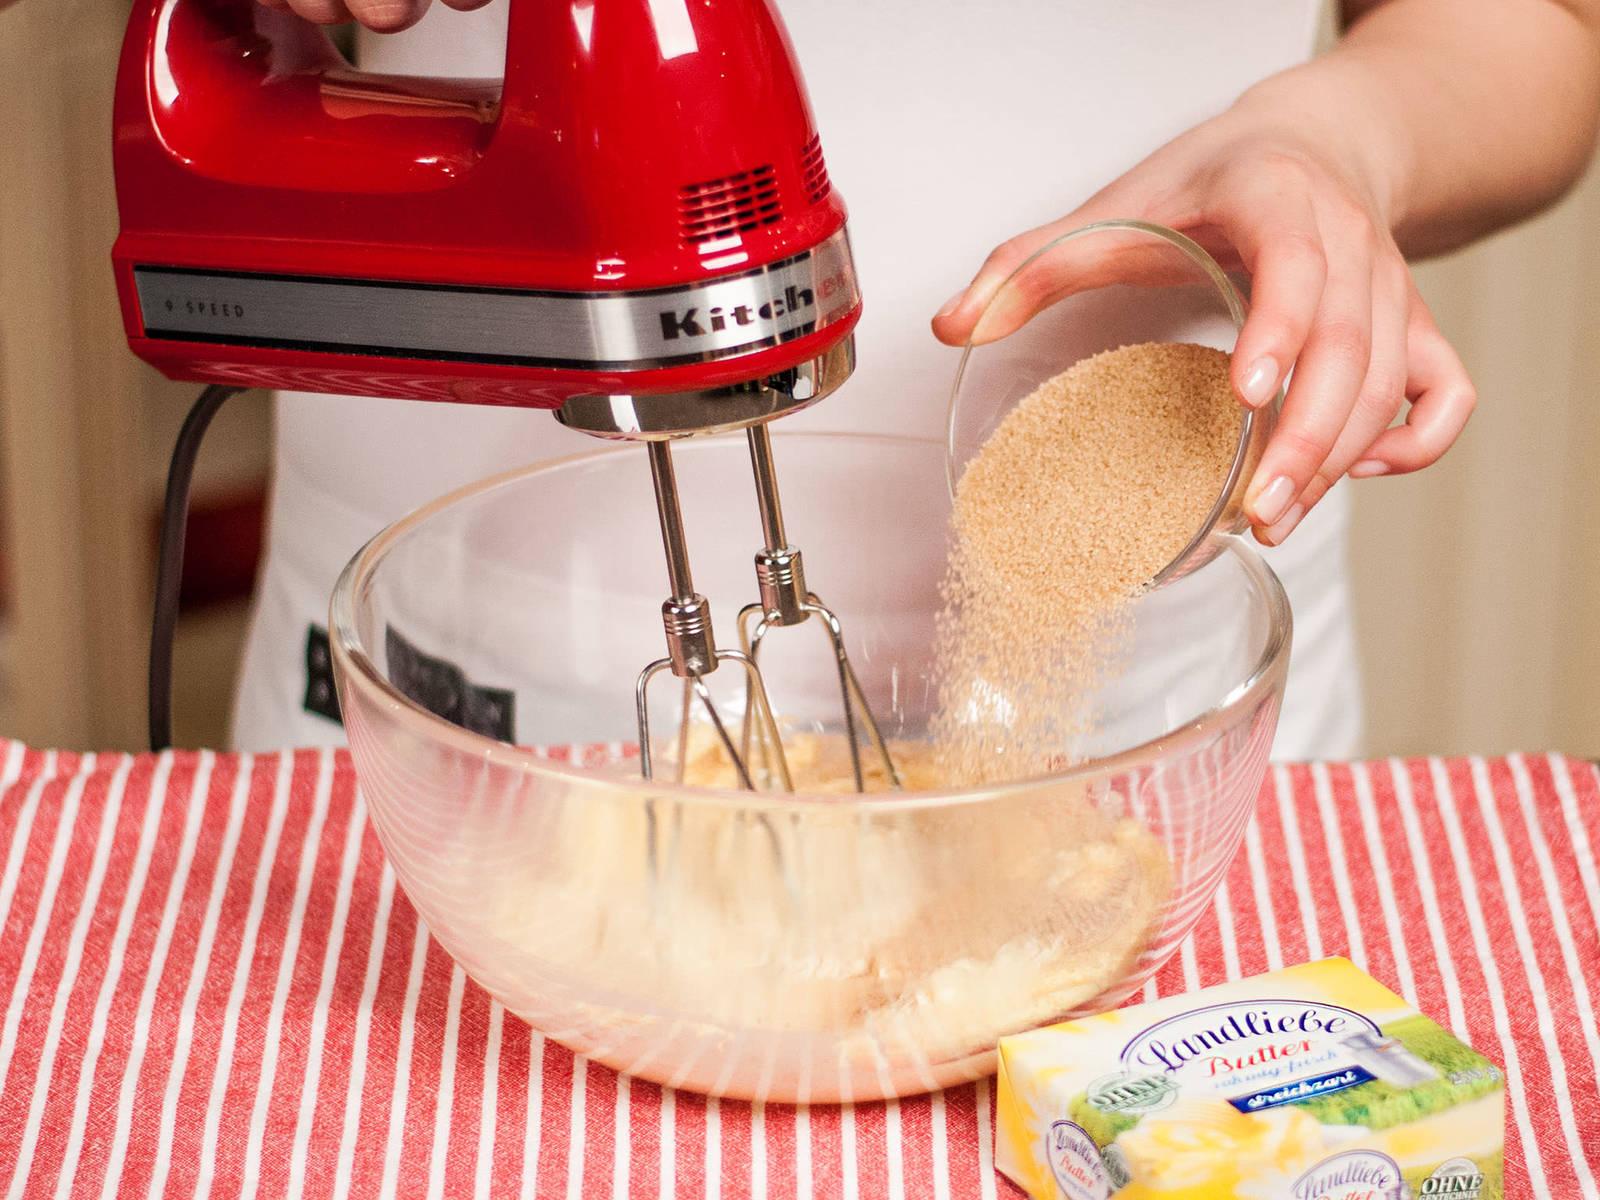 另取碗,将黄油、红糖和香草糖打发至蓬松发白。